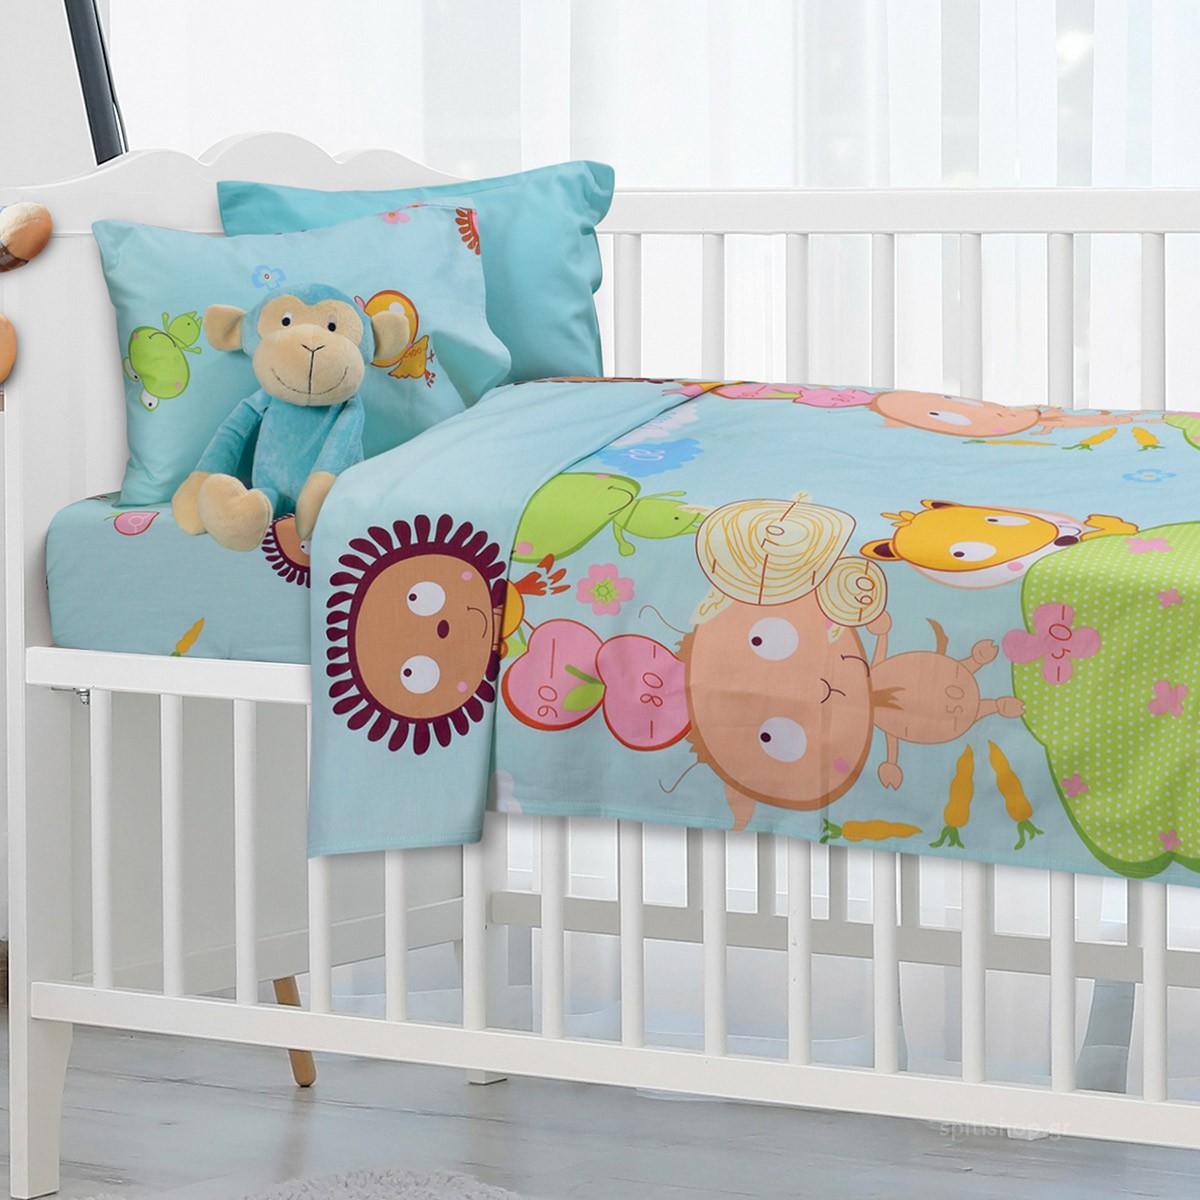 Σεντόνια Κούνιας (Σετ) Das Home Dream Prints 6446